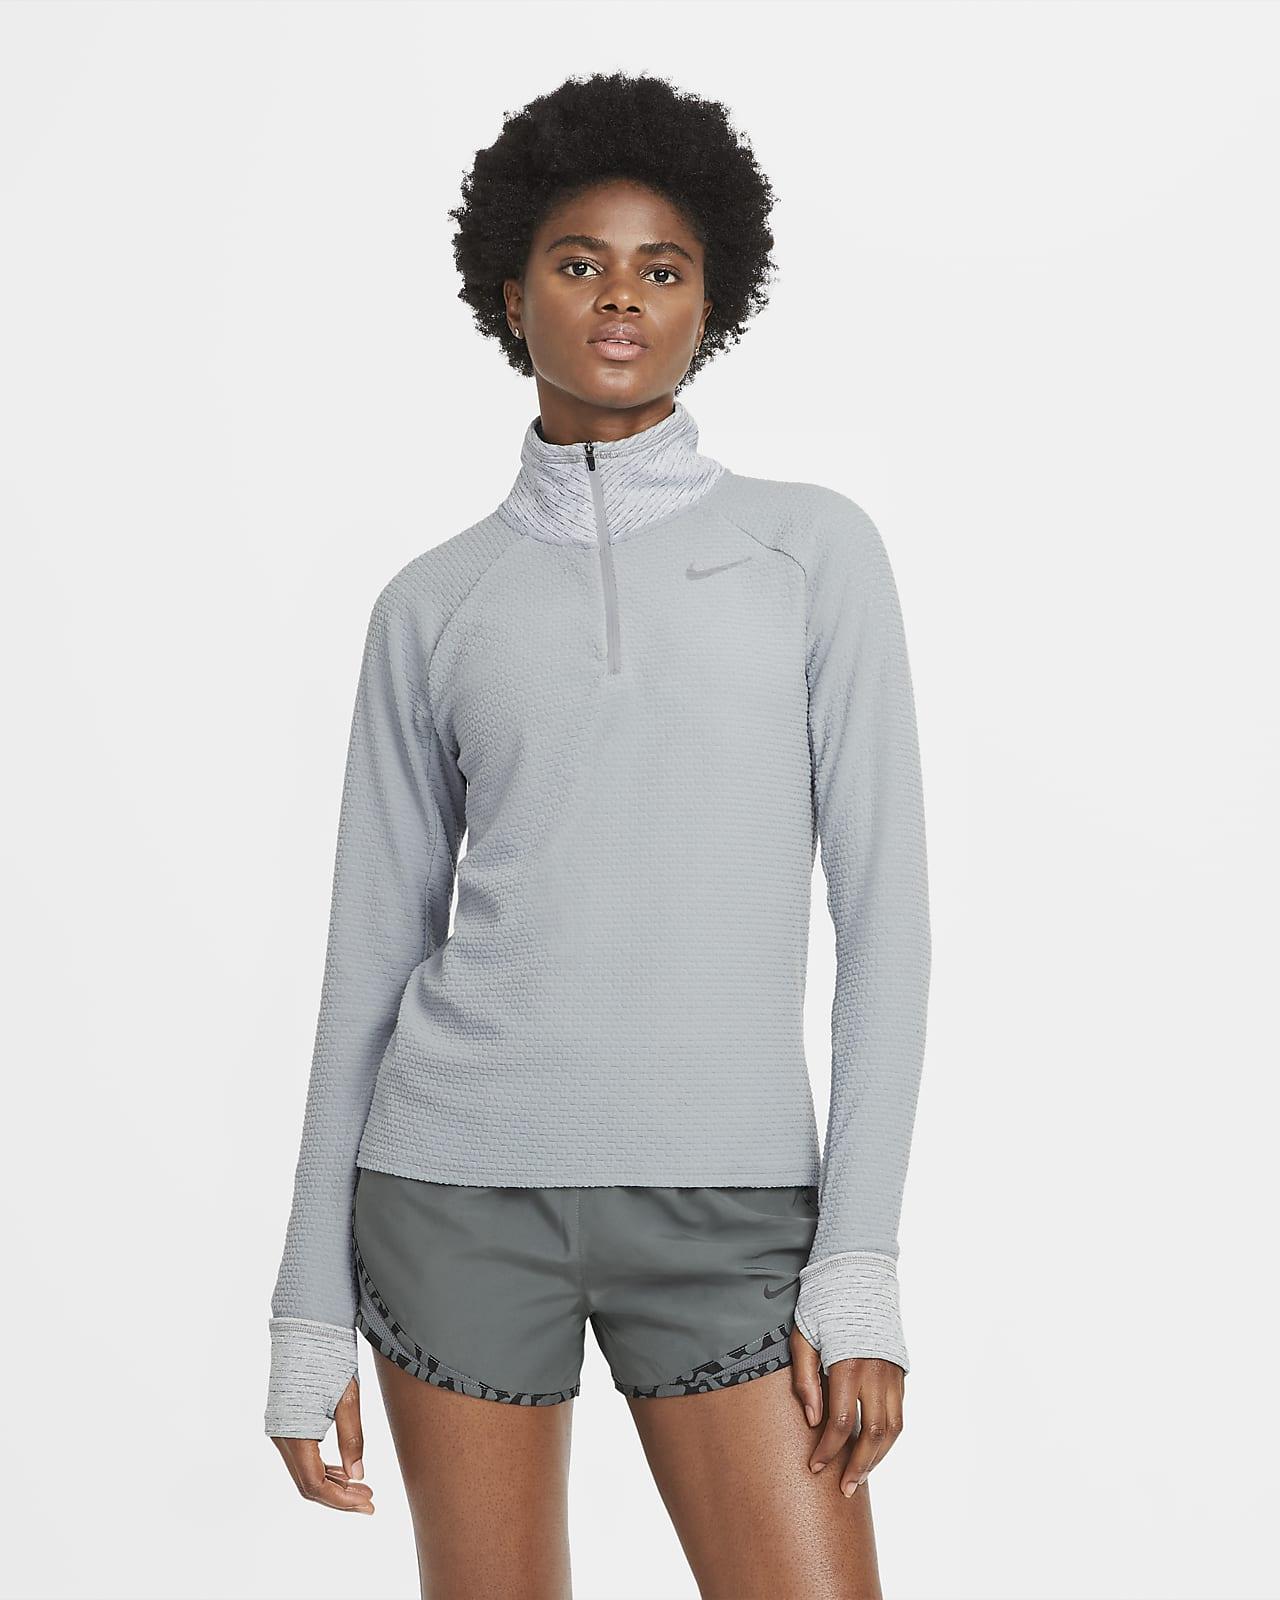 Nike Sphere løpetrøye med glidelås i halsen til dame